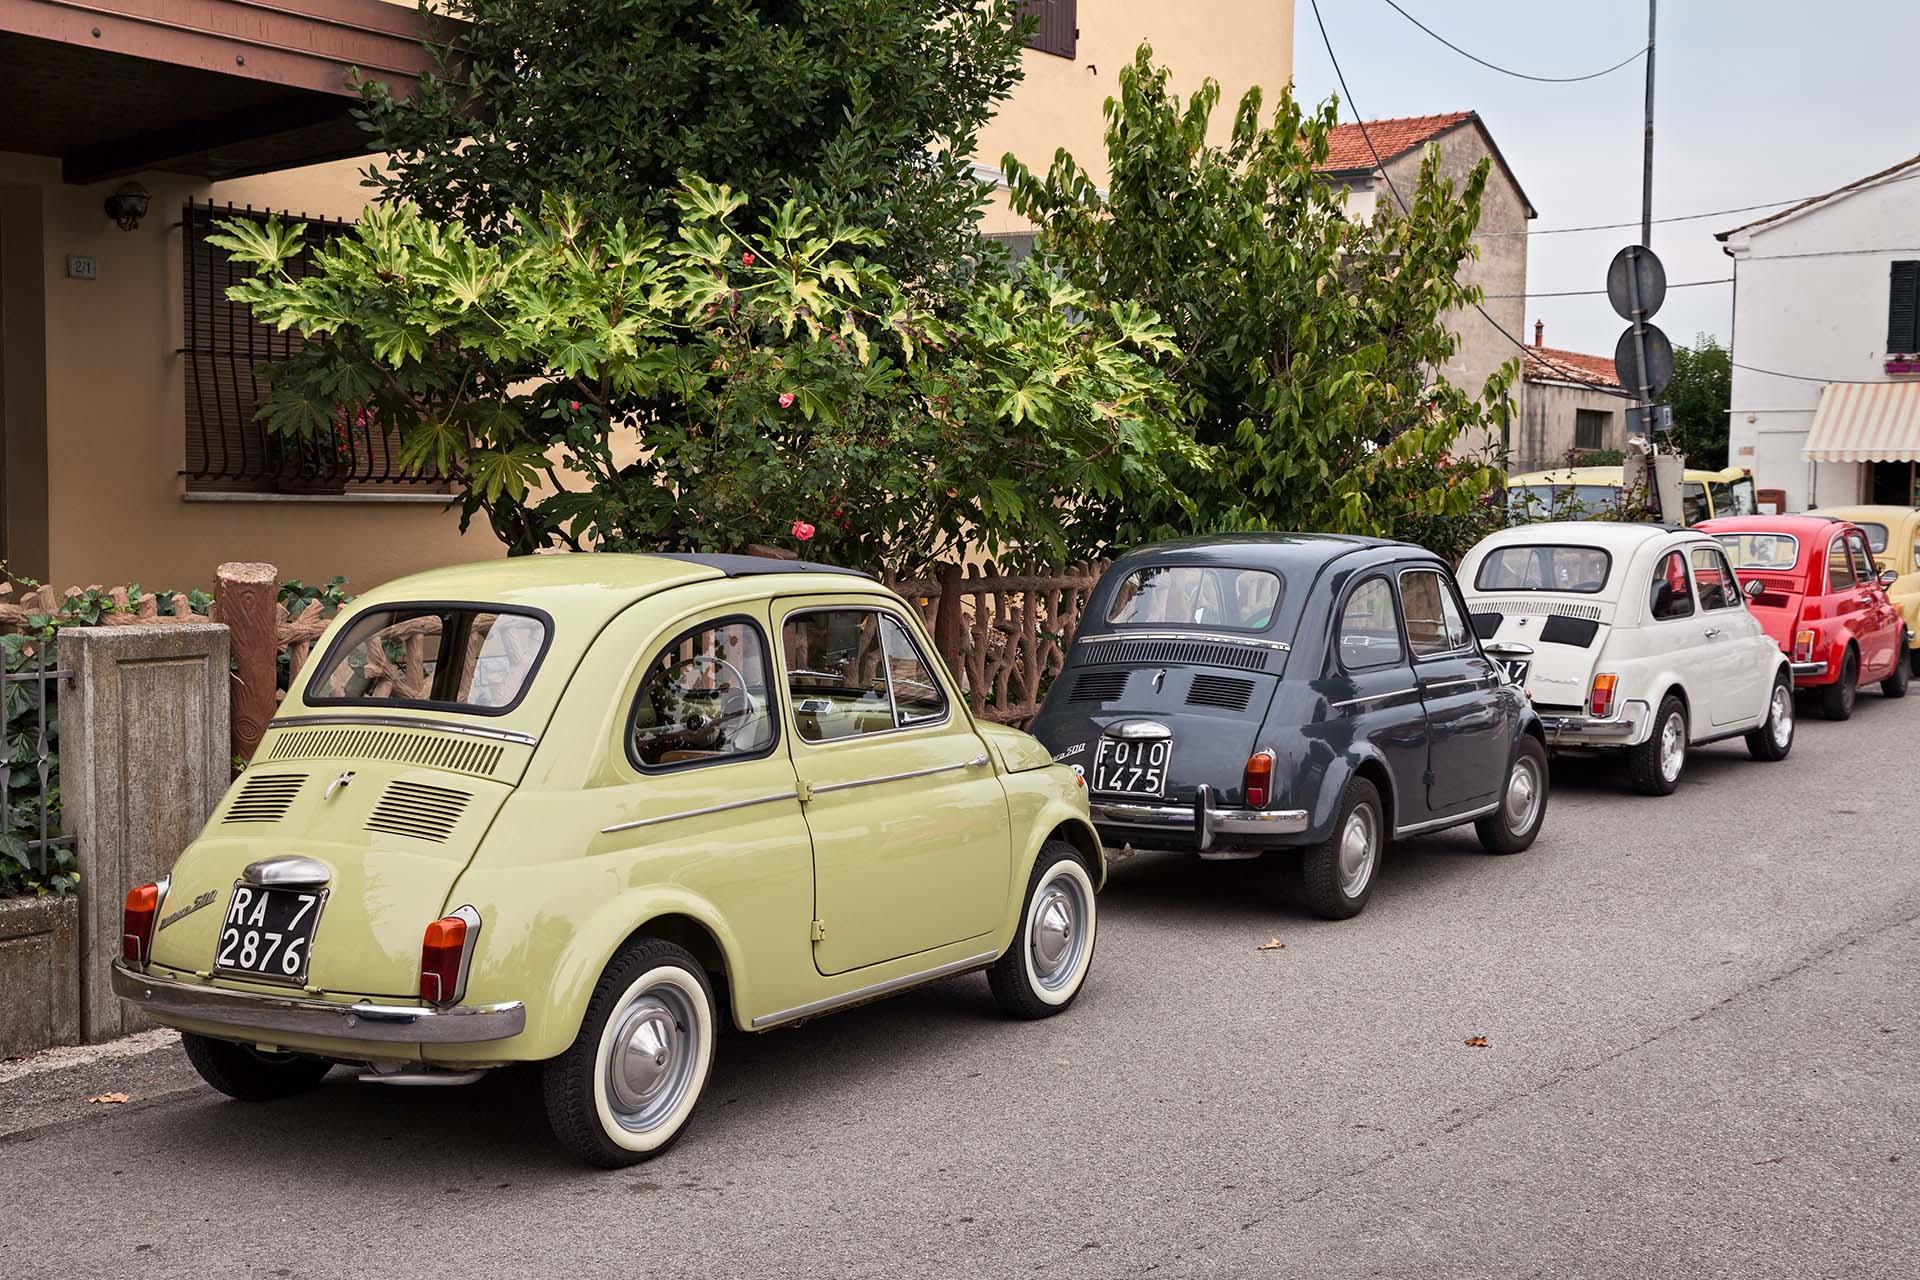 Actualité undefined - Photo d'illustration Fiat 500: elle va avoir 10 ans pour longtemps